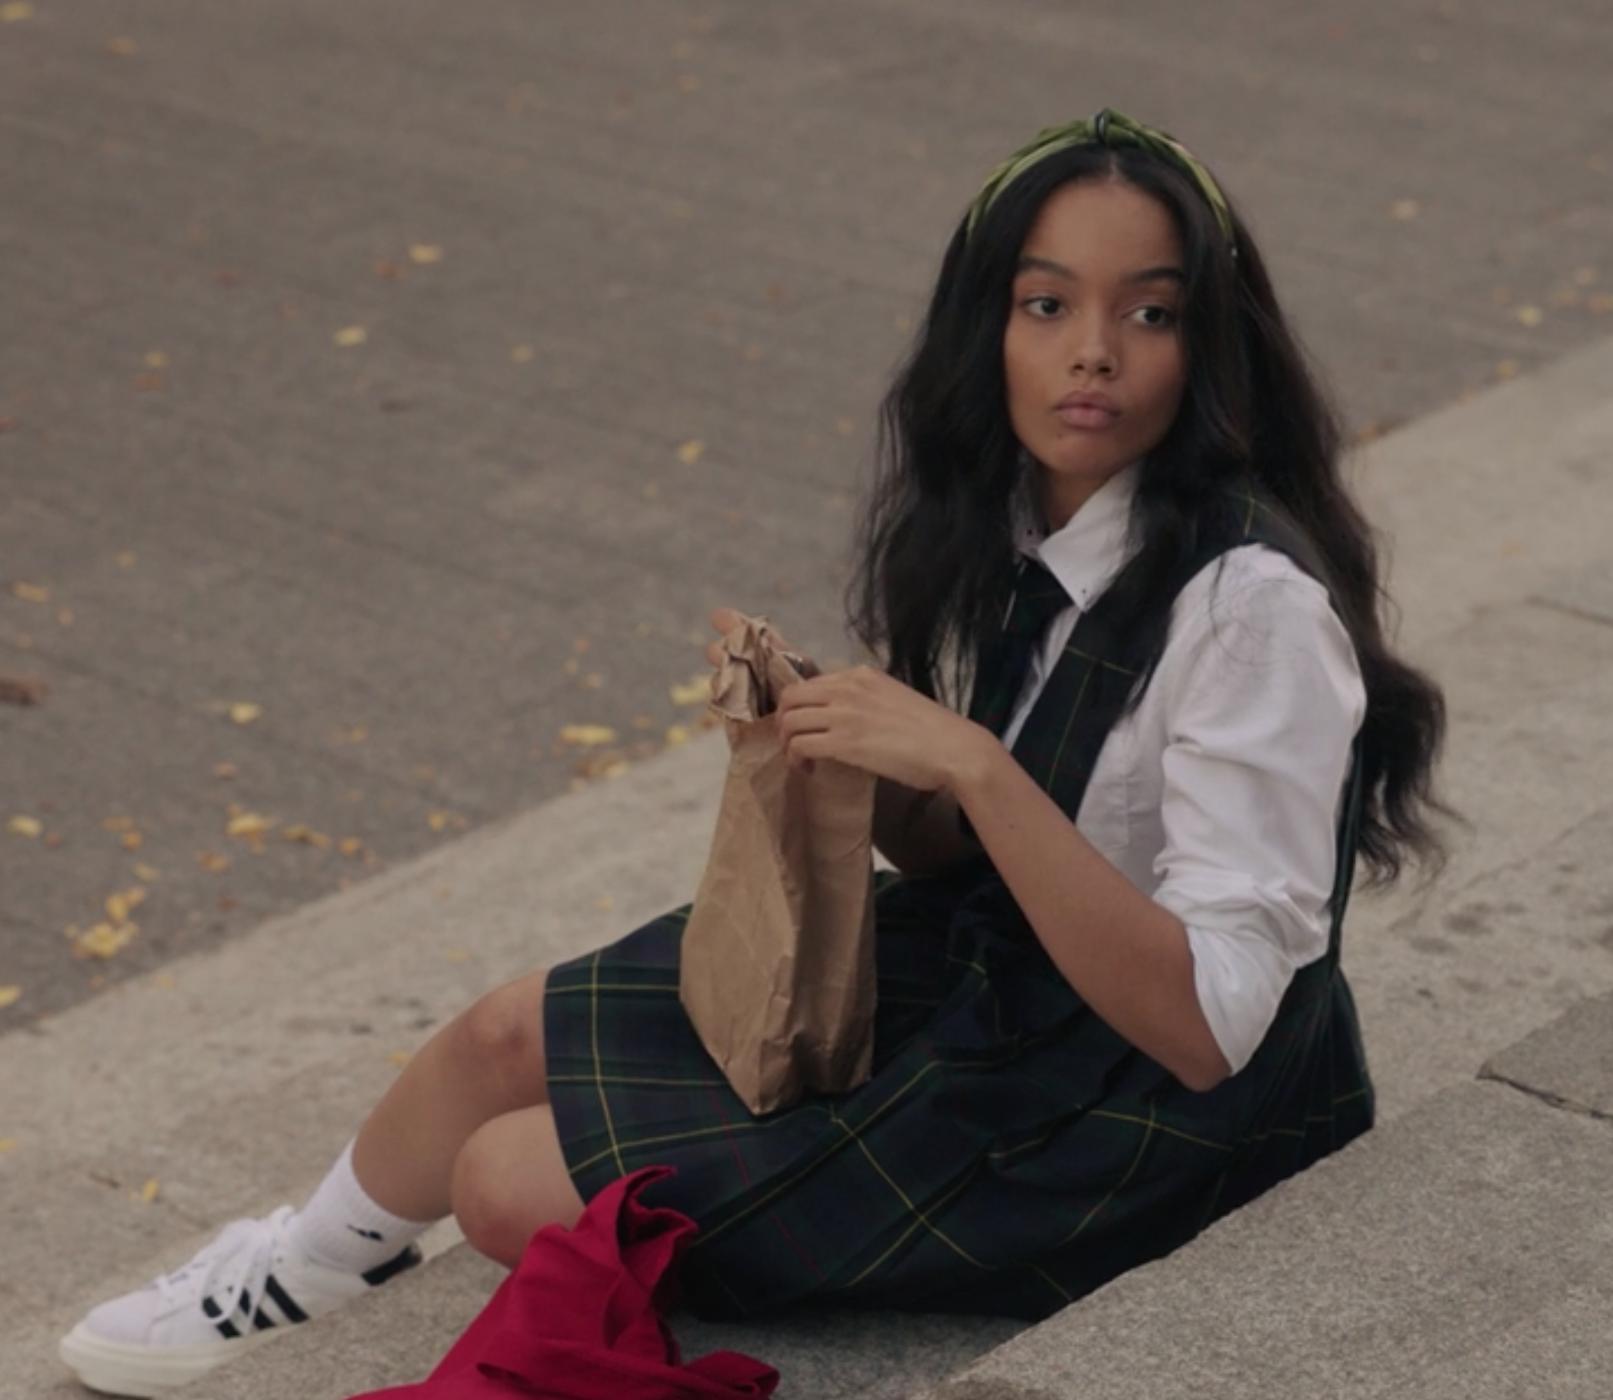 Zoya wears a striped uniform jumper skirt over a long sleeve shirt